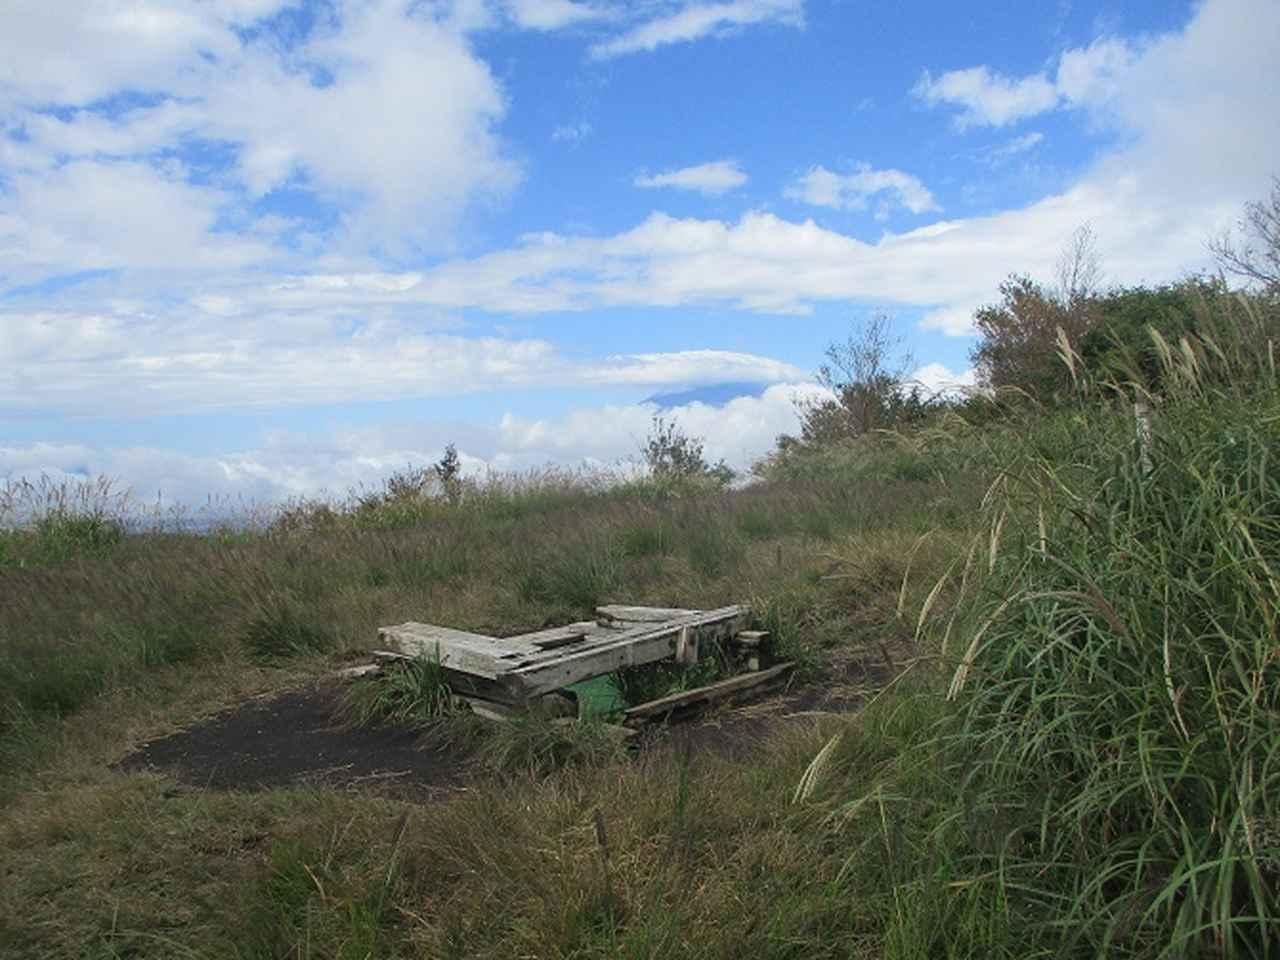 画像5: 10月の山旅会 「矢倉岳」 ツアーの下見に行ってきました!